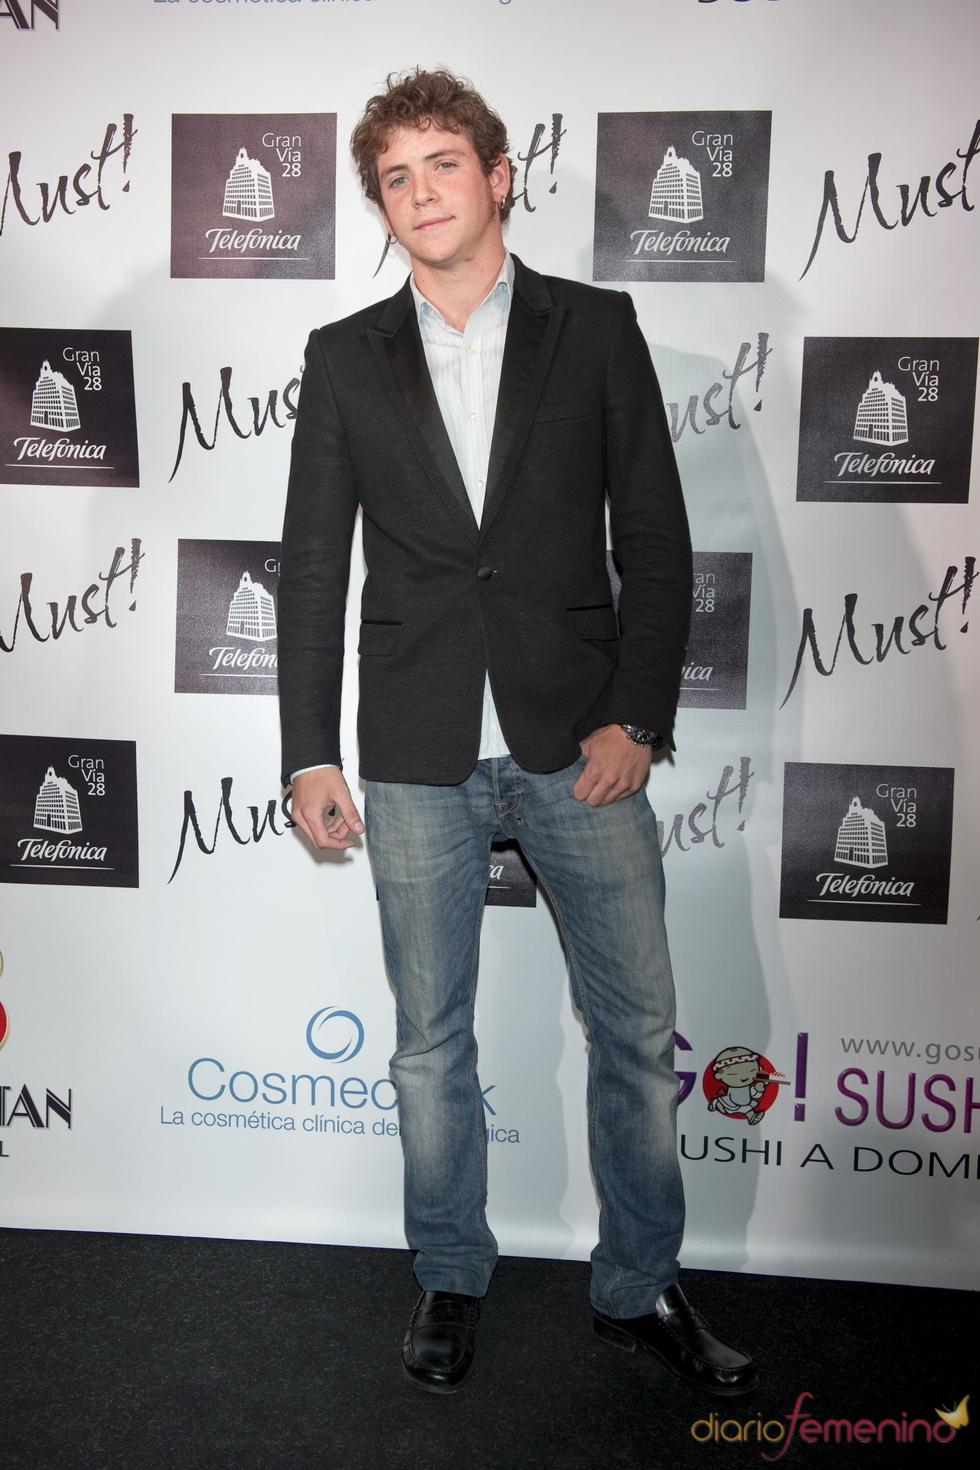 Junio Valverde en la gala de los premios Must 2011